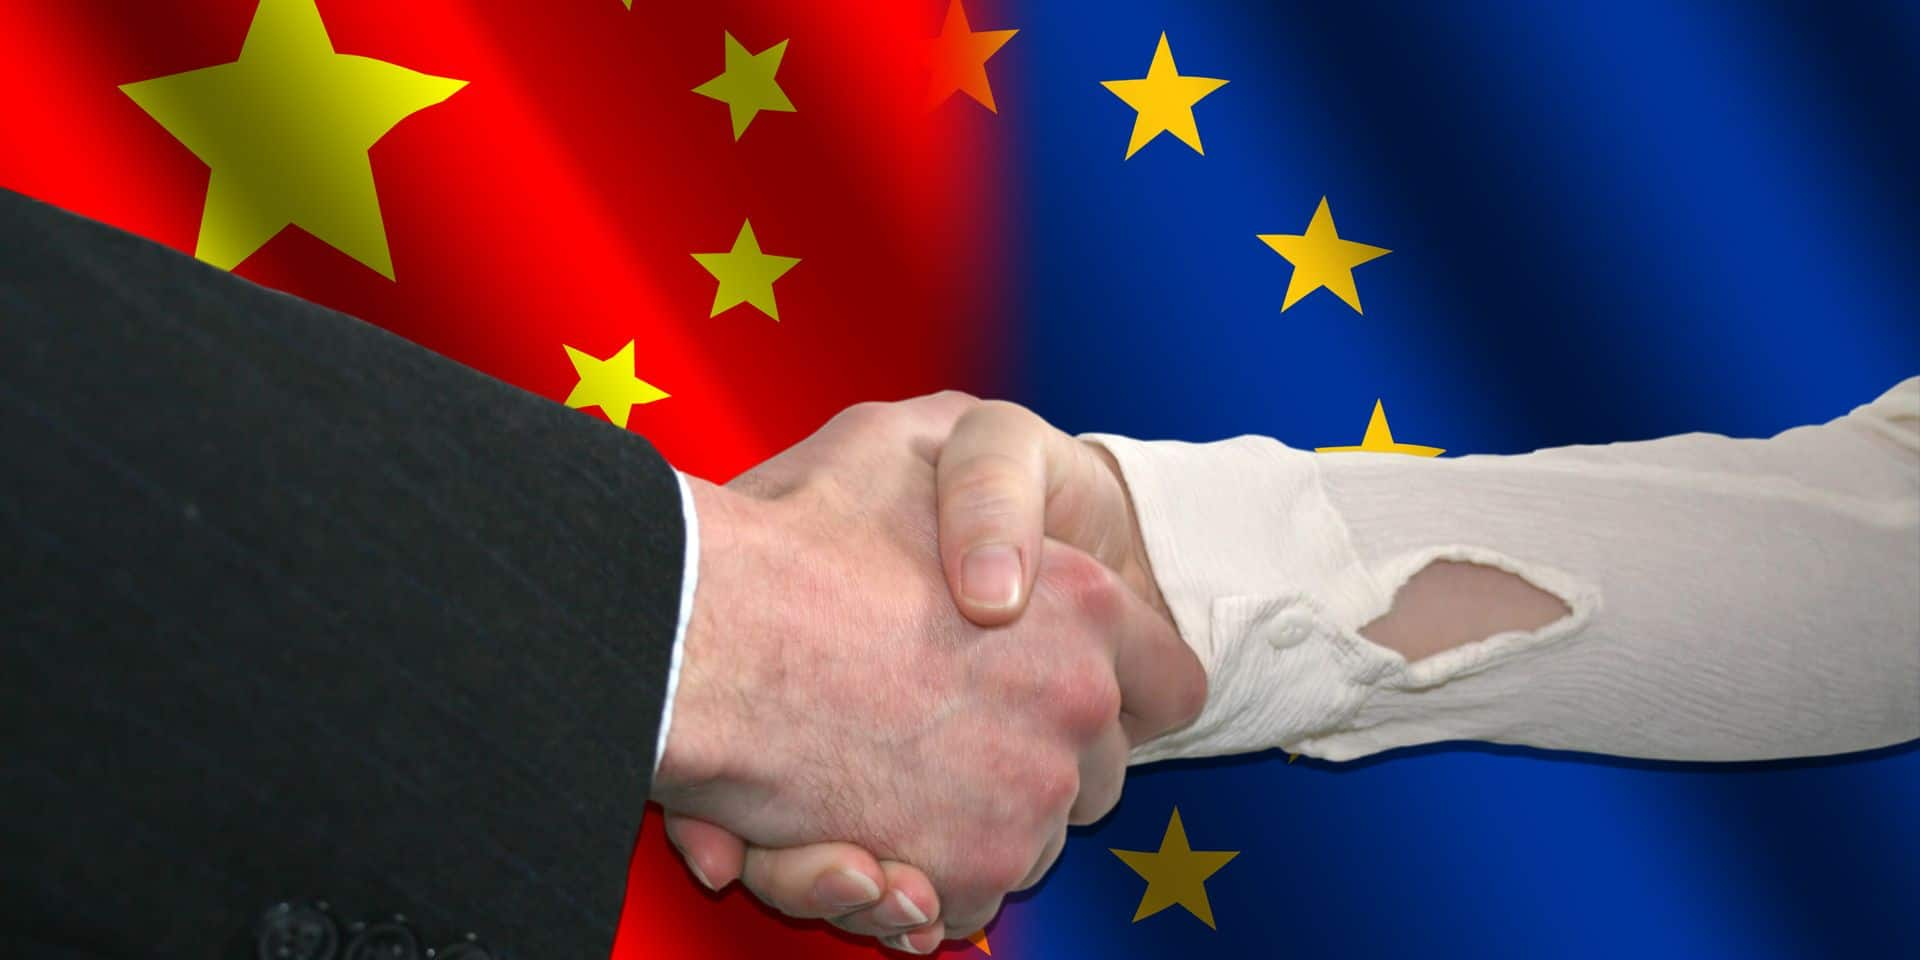 Investissements Chine-UE: un accord possible d'ici à la fin de l'année